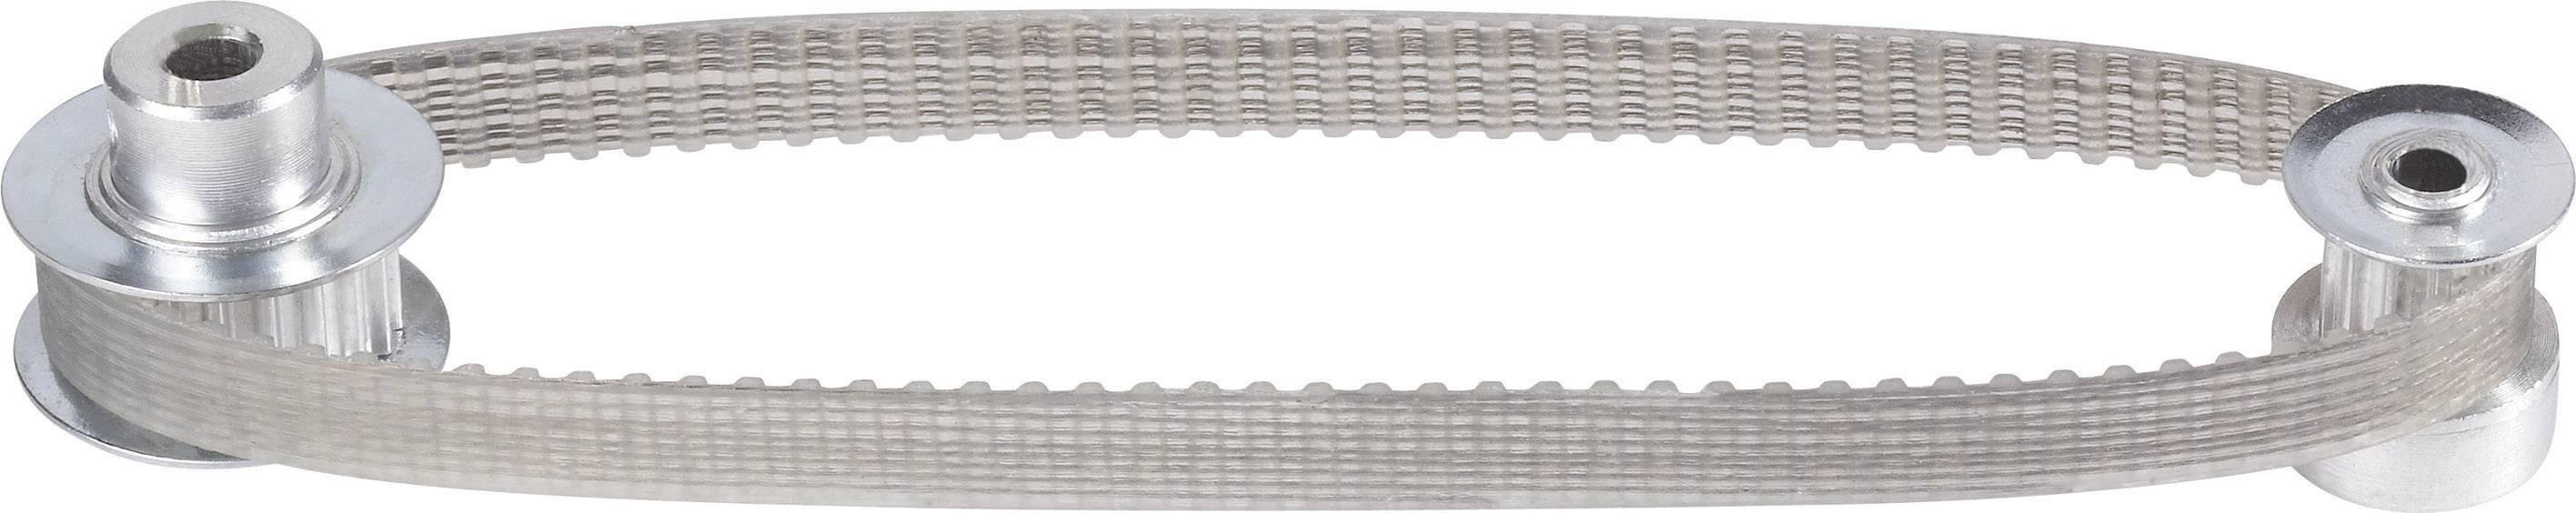 Ozubený řemen Modelcraft, 98 zubů, 245 mm